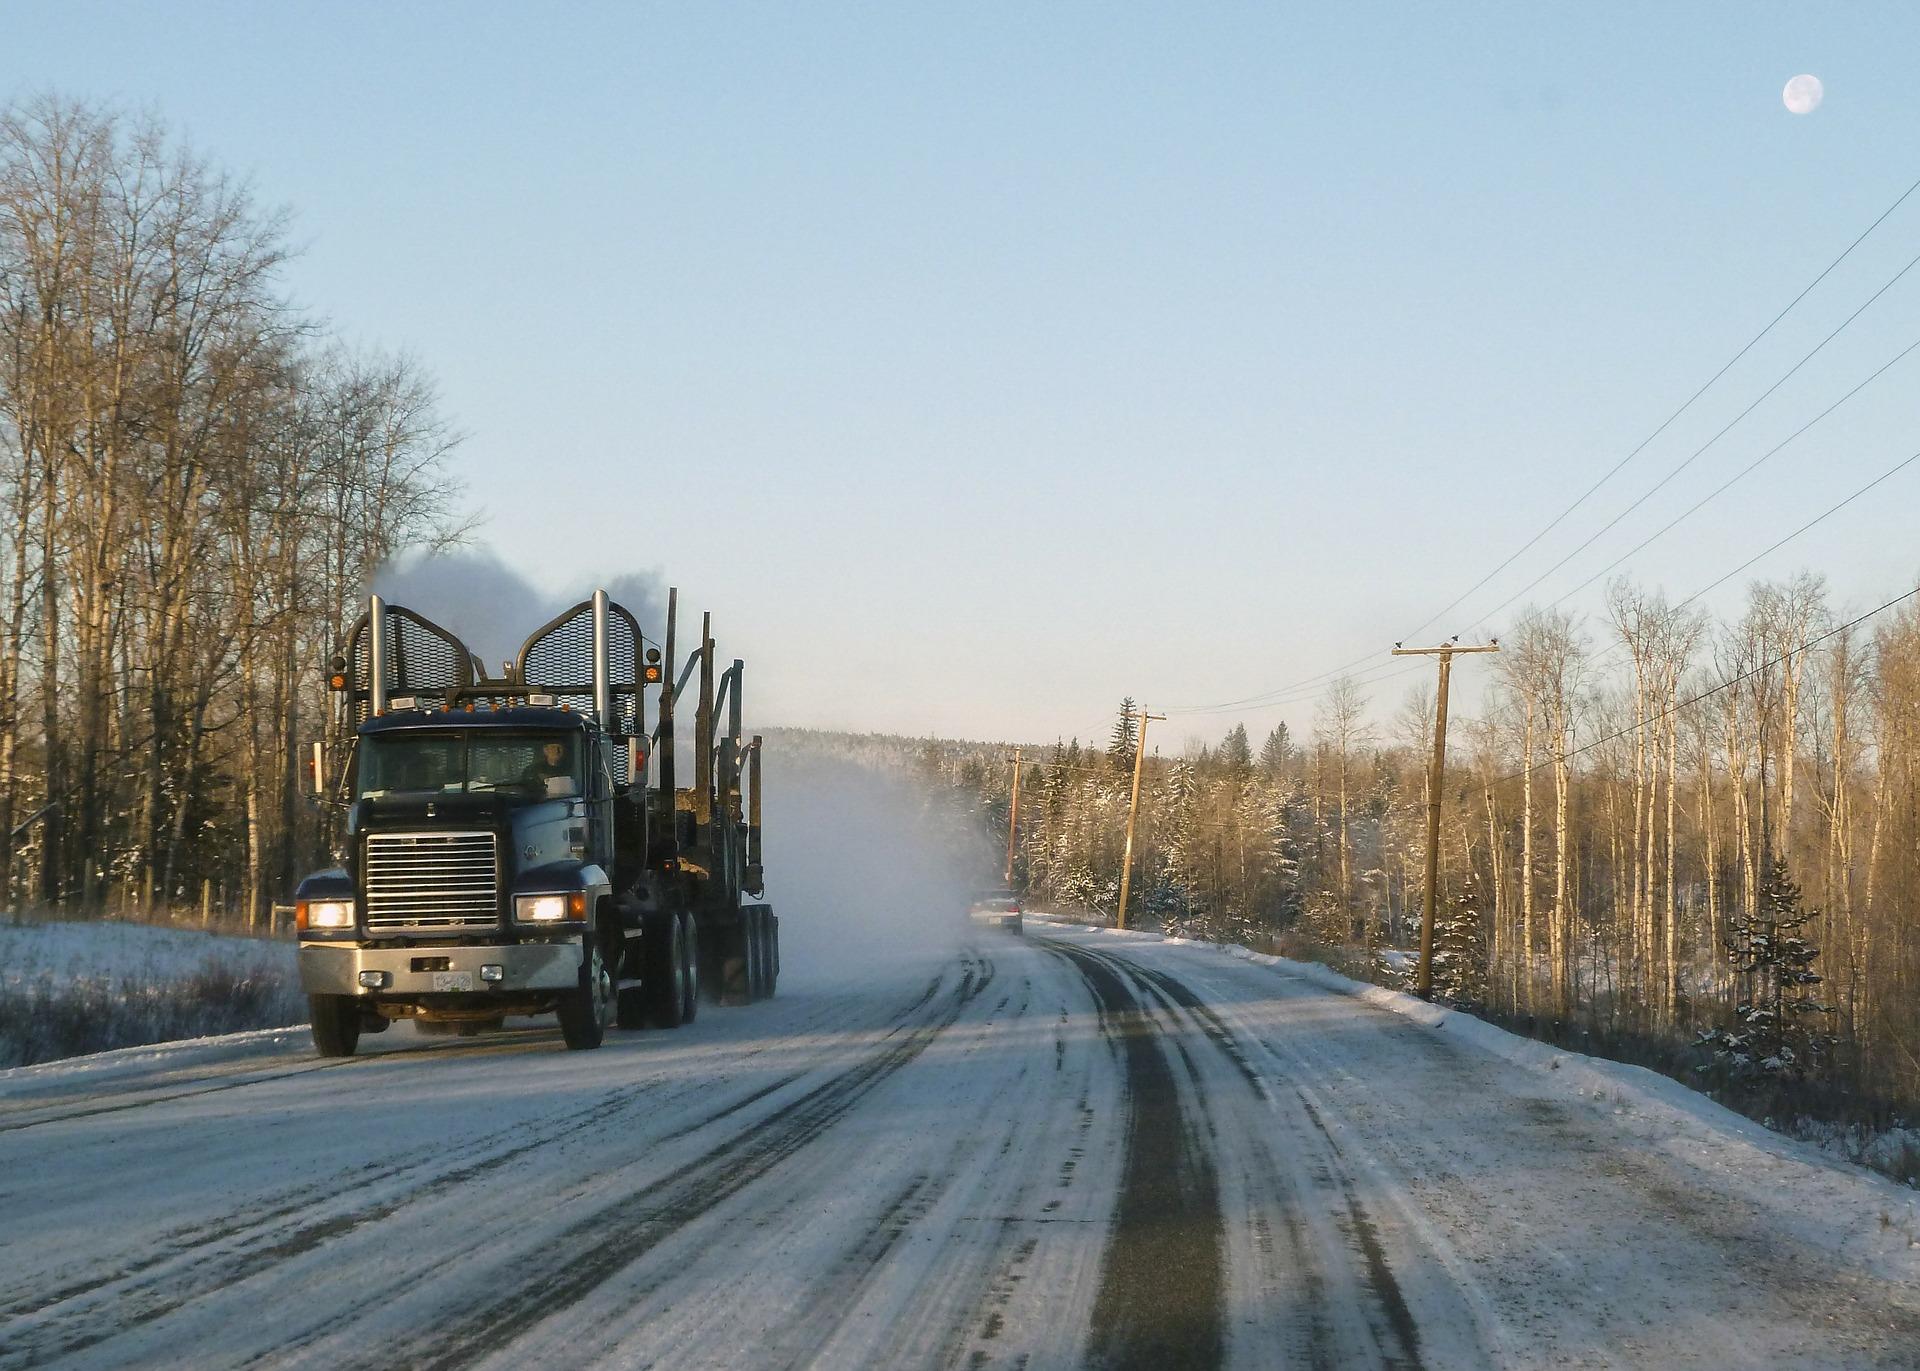 Winter Truck Driving